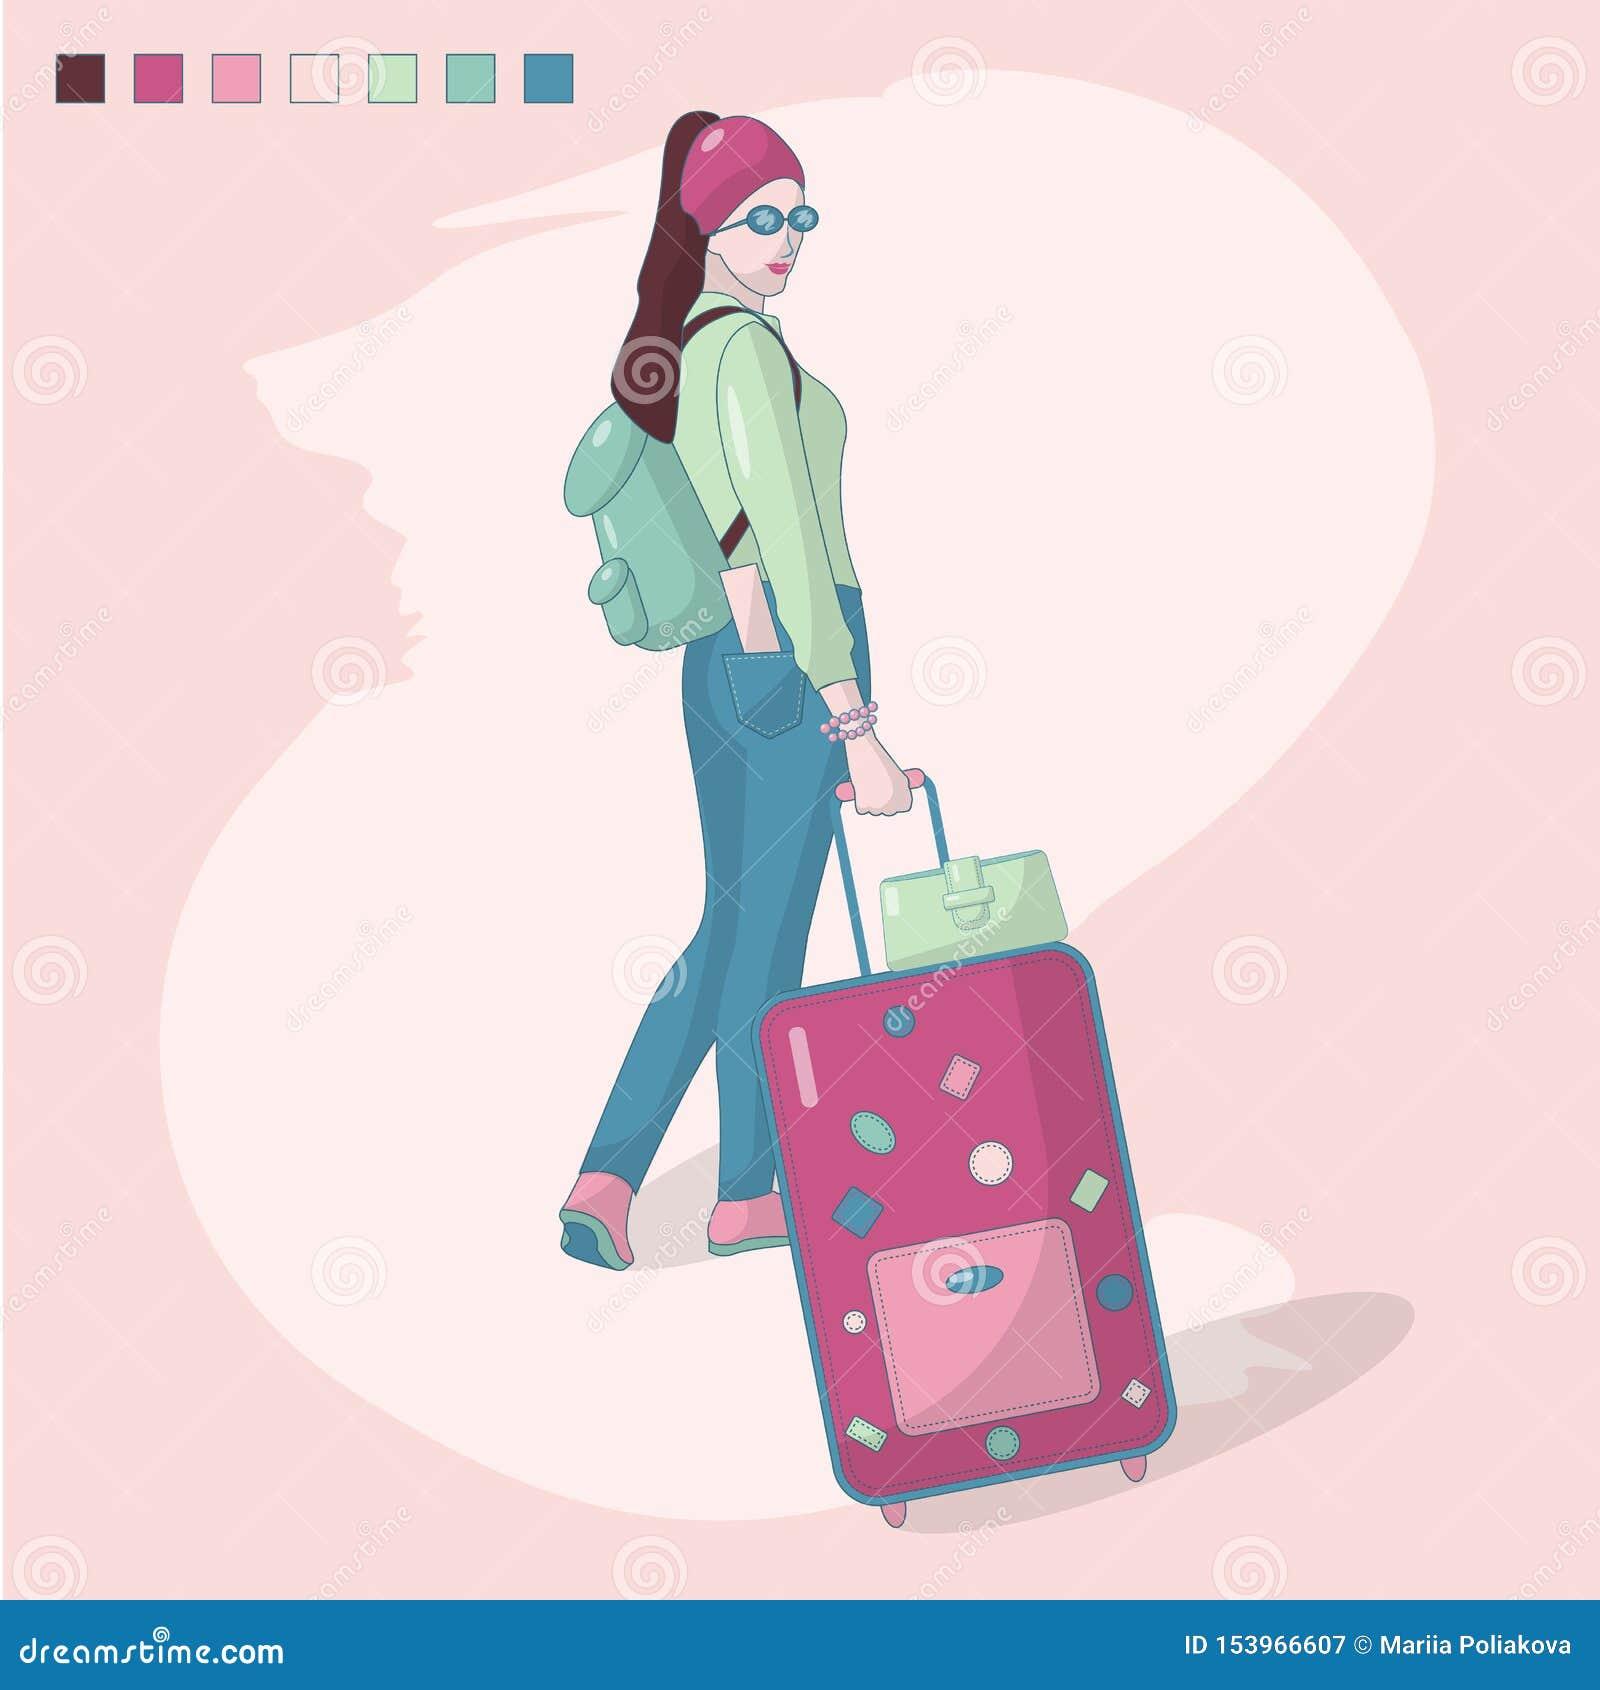 Η διανυσματική απεικόνιση ενός κοριτσιού με τη βαλίτσα, ένα σακίδιο πλάτης και ένα εισιτήριο στην πίσω τσέπη των εσωρούχων του, π